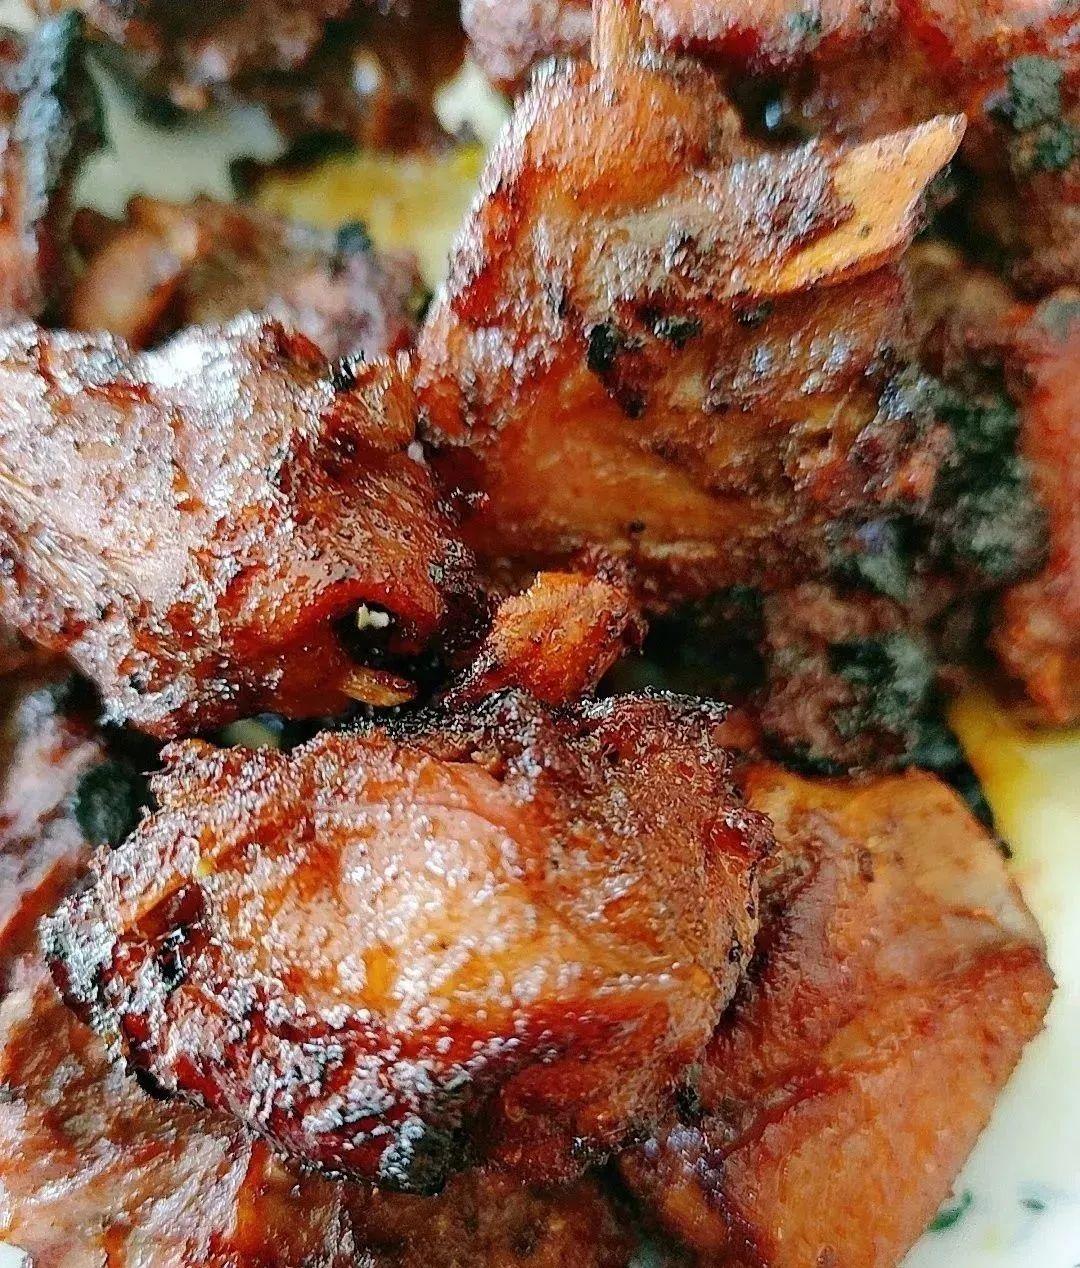 【美食推荐】足不出户就能吃到沈阳地道美味鸡架--中街qq鸡架!